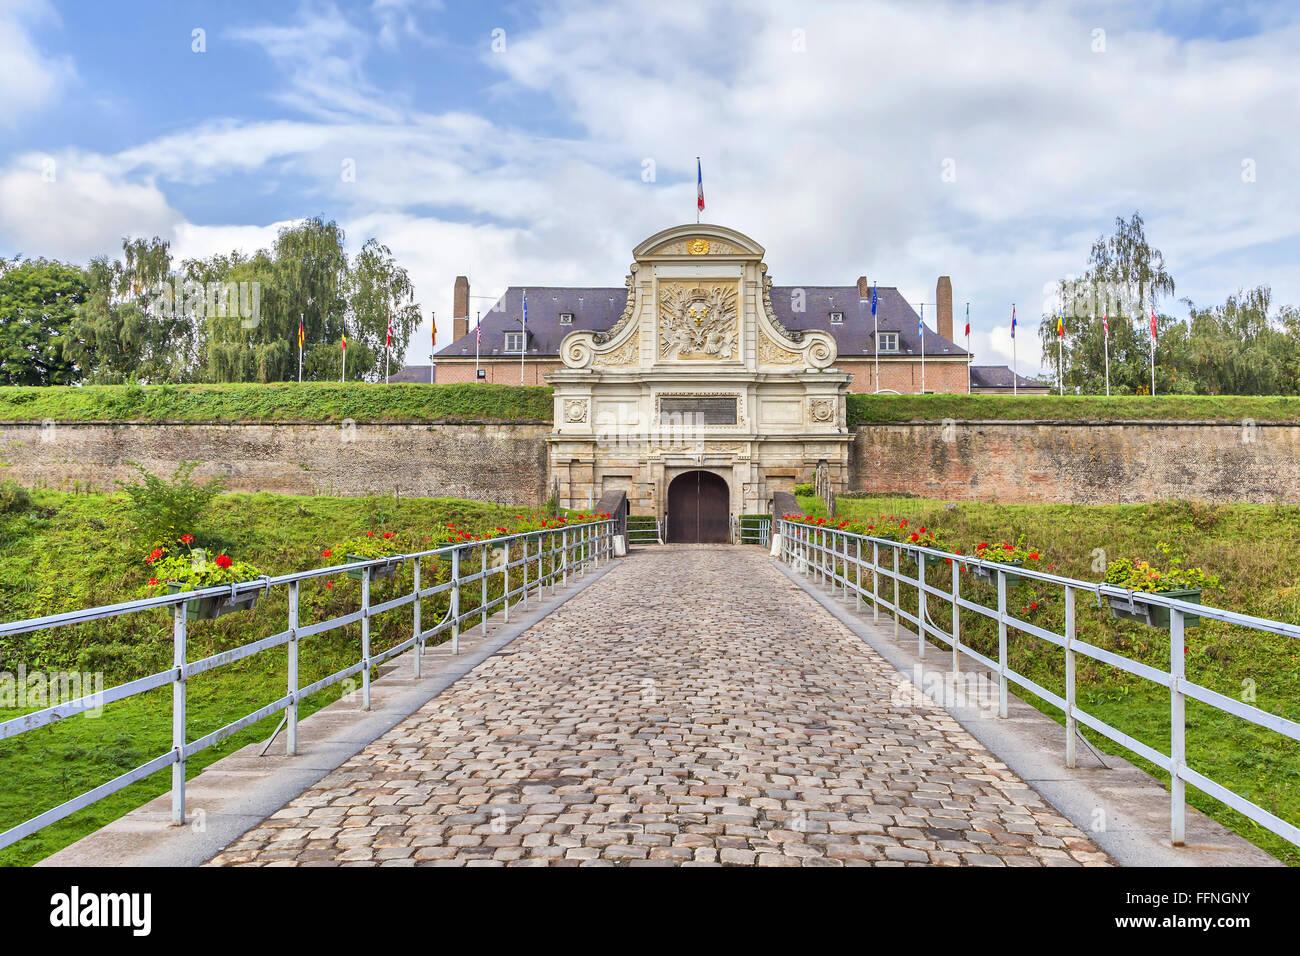 Entrada a la Ciudadela de Vauban (siglo XVII), Lille, Francia Imagen De Stock